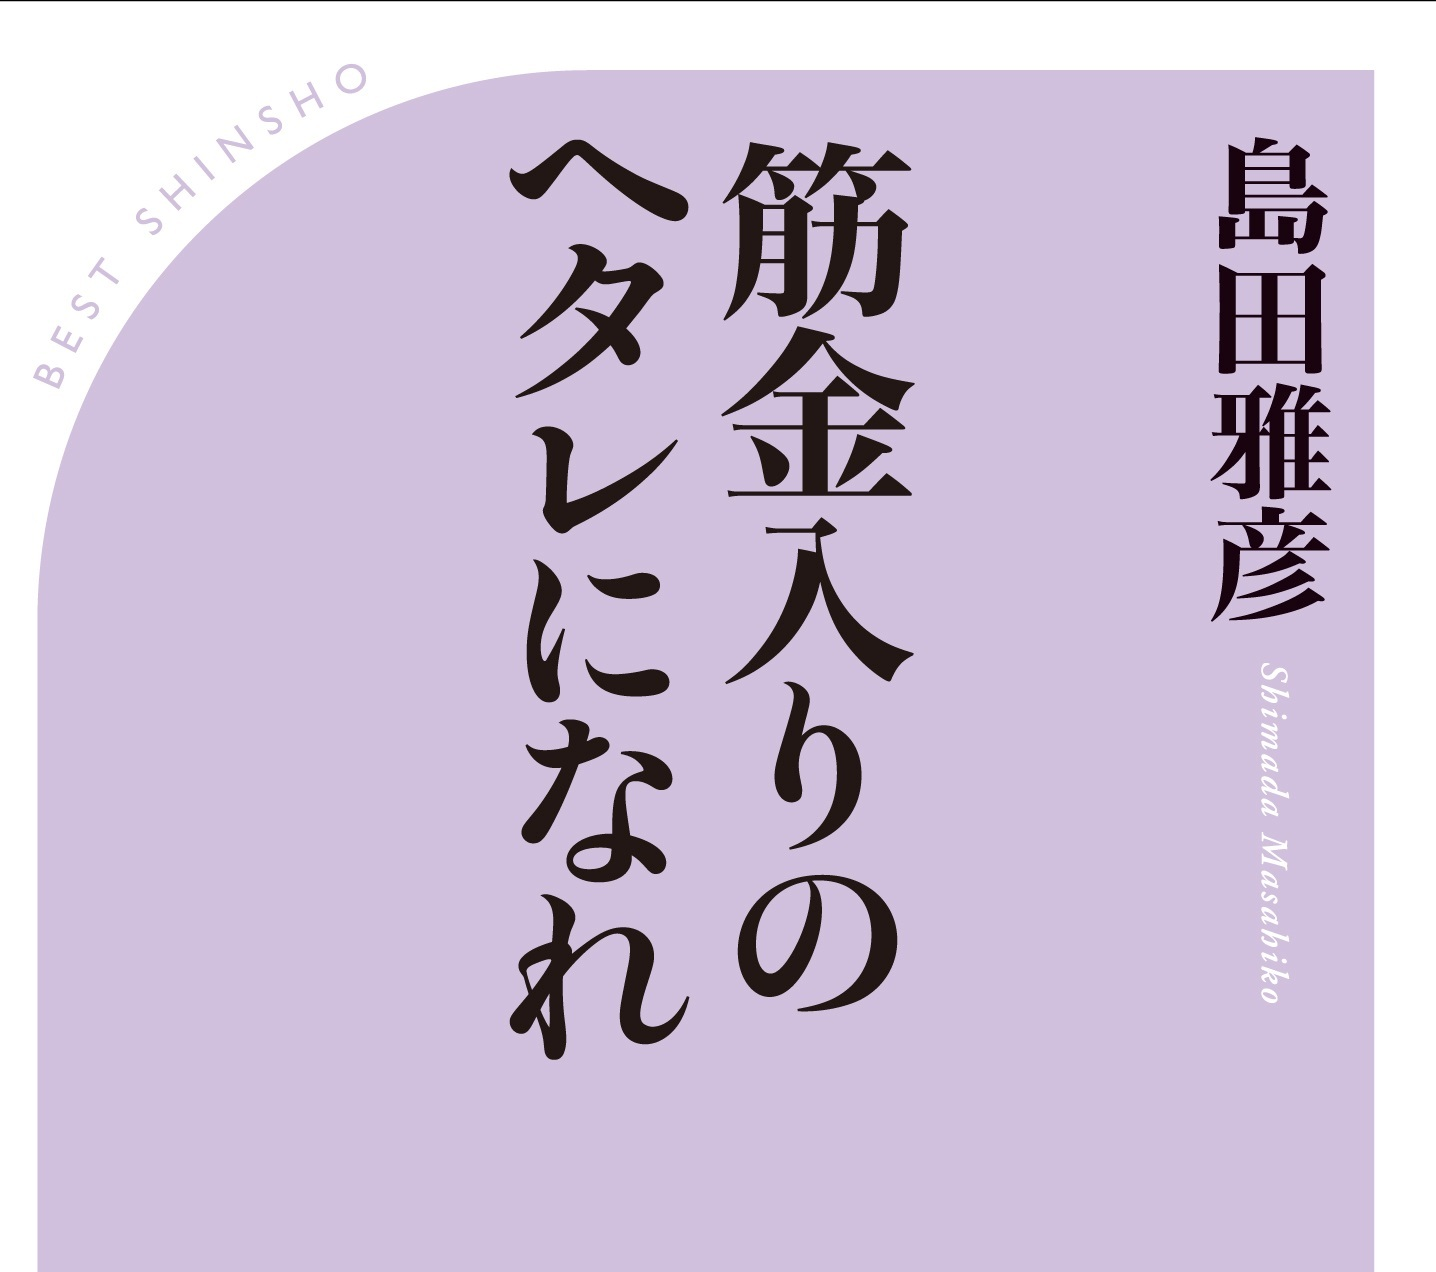 文豪・島田雅彦が炎上を恐れず語る<br />人間不要の時代における人生の嗜み方